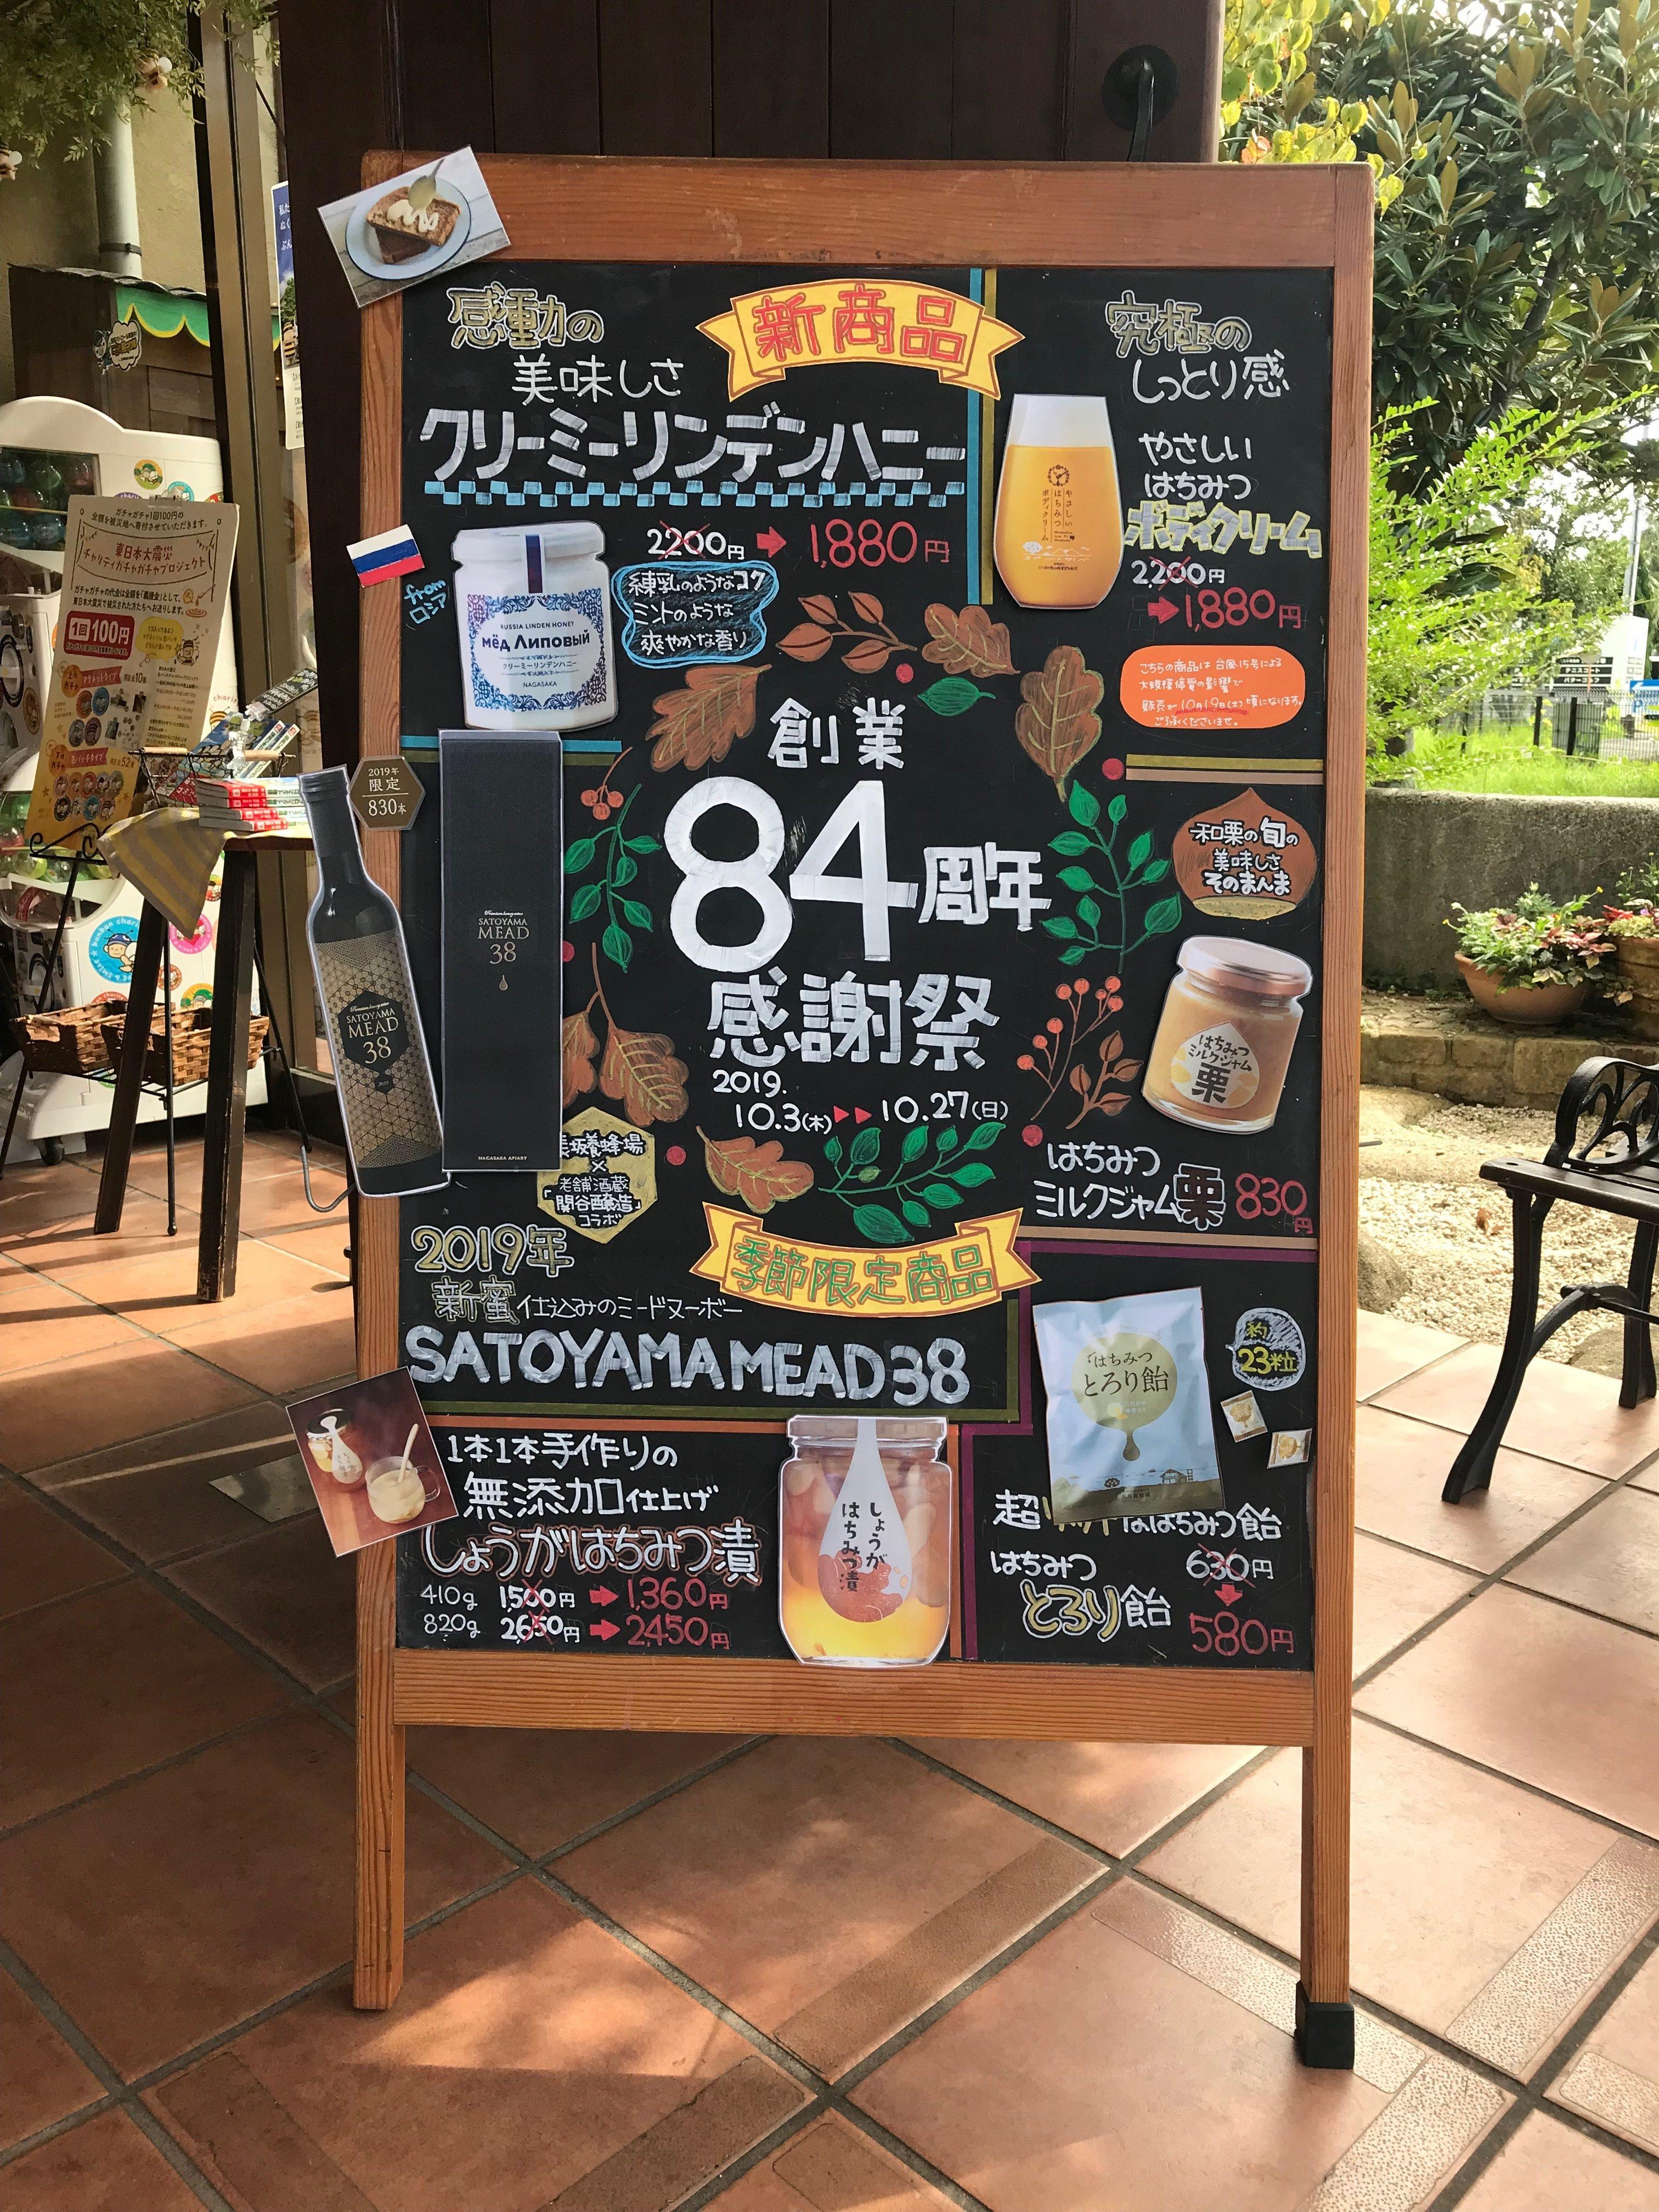 「SATOYAMA MEAD38」2019を祝う会 参加者募集中!お待ちしてます♪